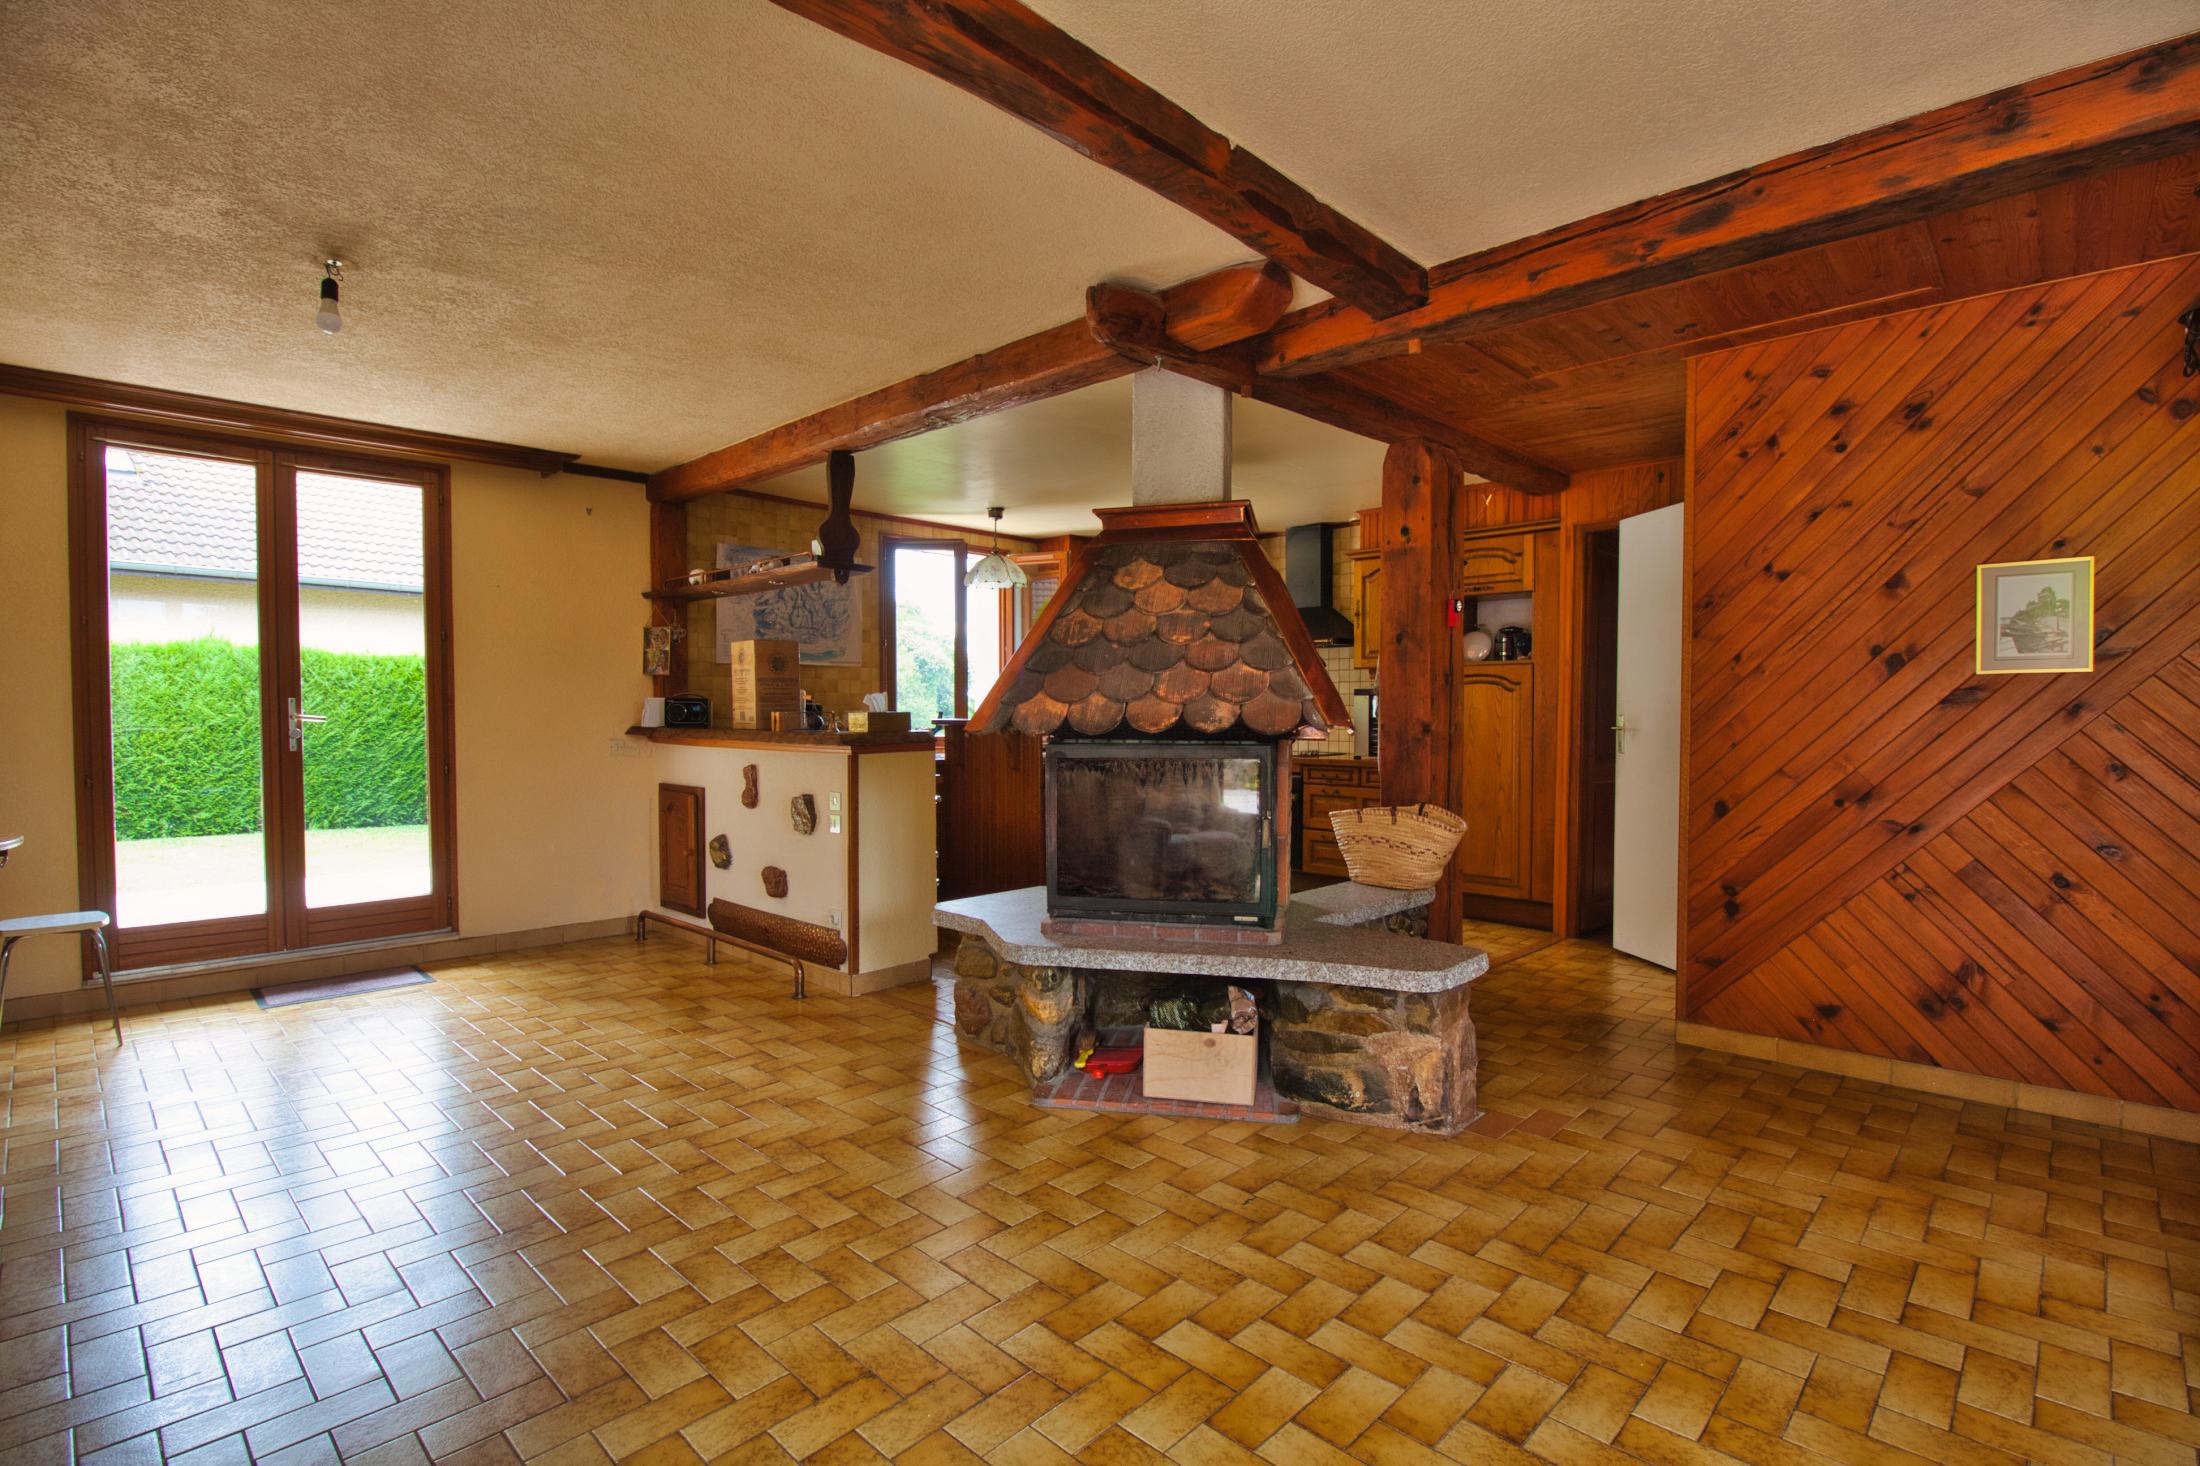 vente maison avec vue lac saint-gingolph lac léman